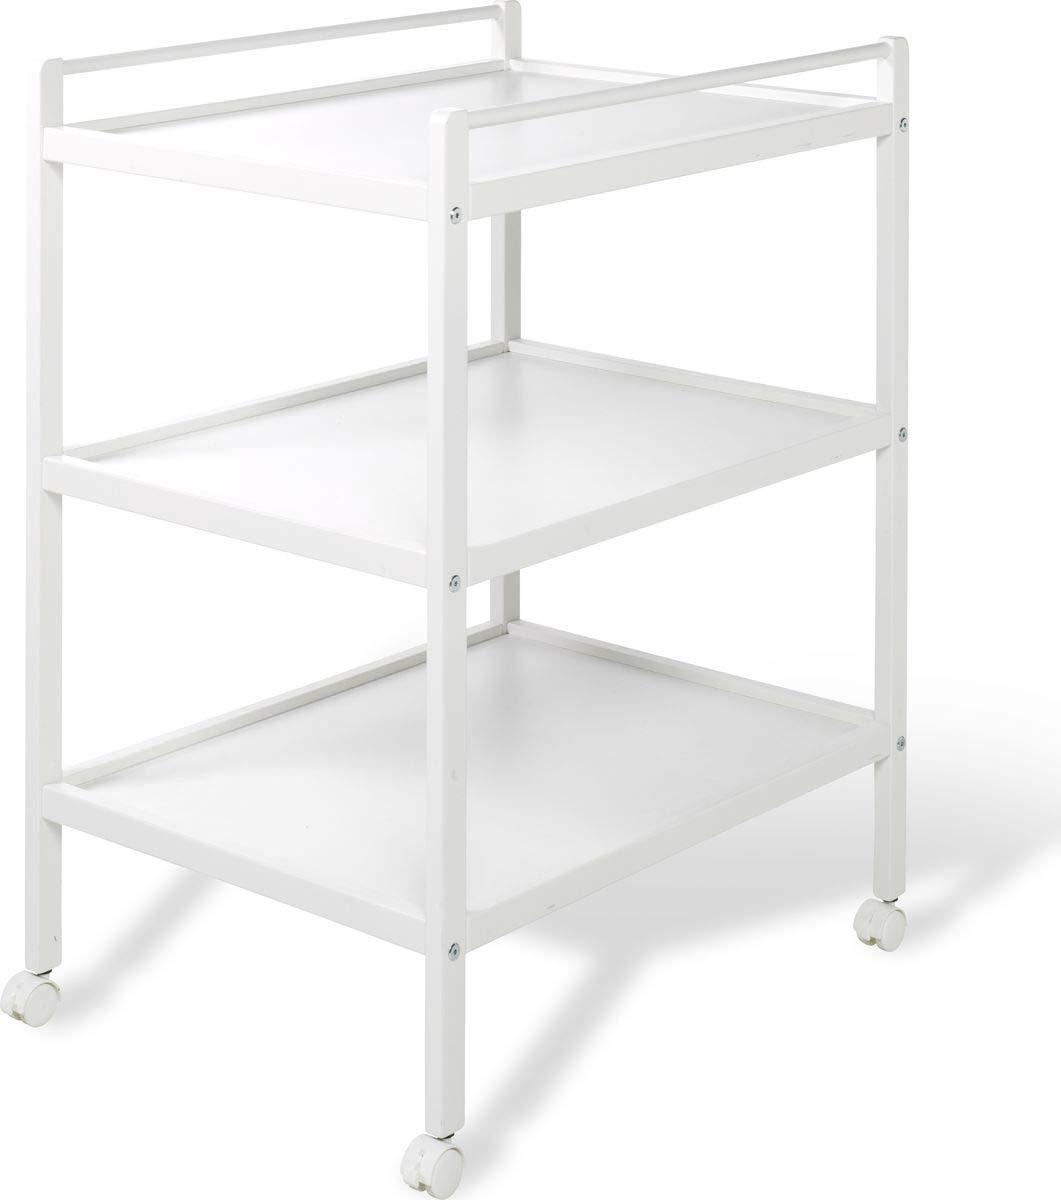 Пеленальный стол Geuther Alisa, 4847 Wewe, белый столик игровой geuther bambino белый натуральный